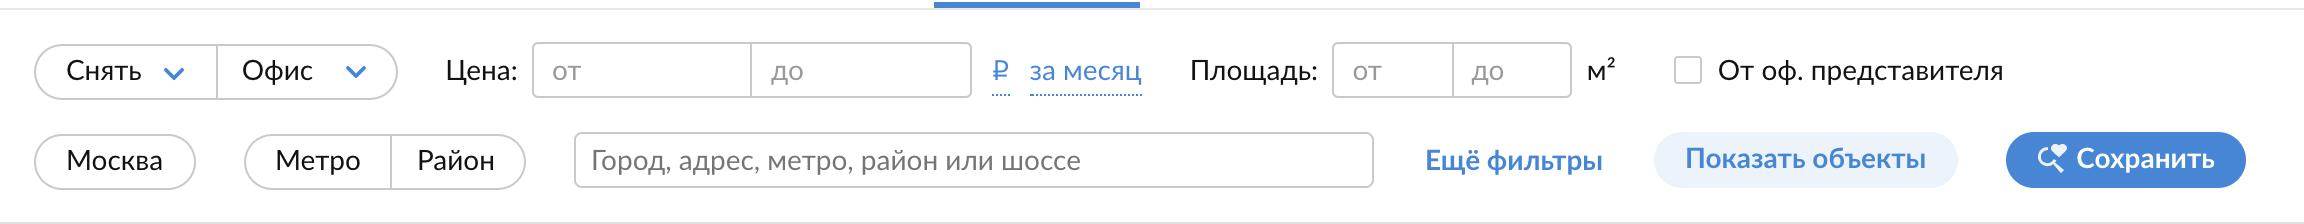 432000f7ac